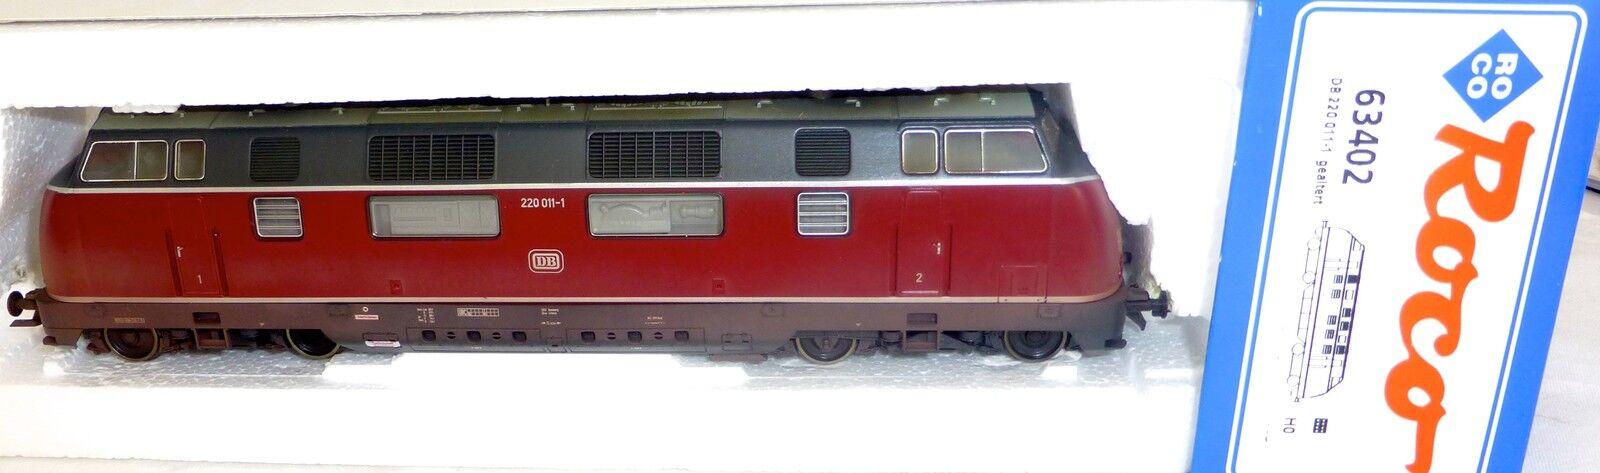 V 220 011 1 Locomotora Diésel Gesúpert Dss Roco 63402 Emb.orig H0 1 87 como